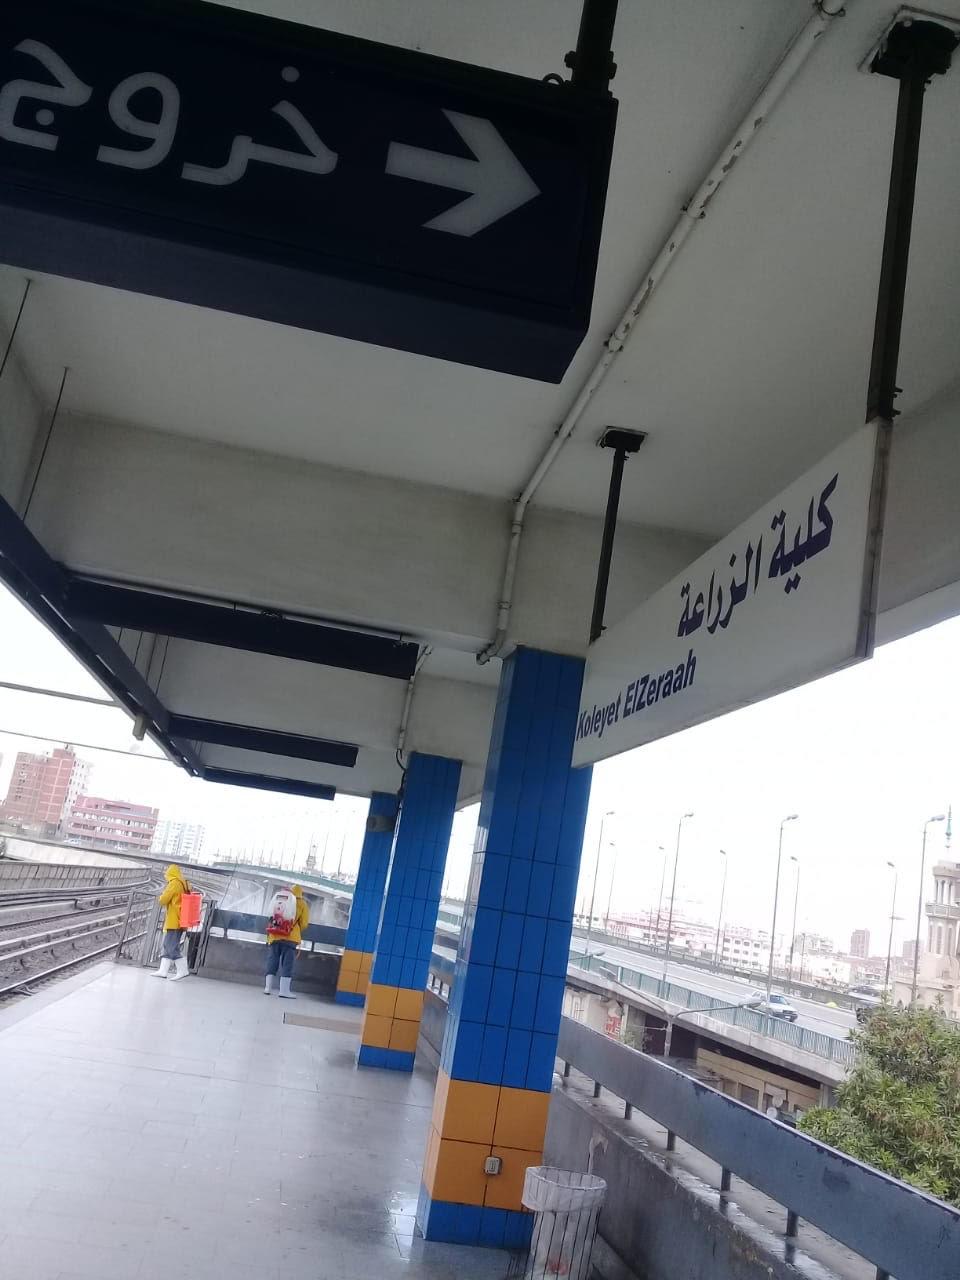 المترو يواصل أعمال تعقيم وتطهير القطارات والمحطات ضد كورونا (3)